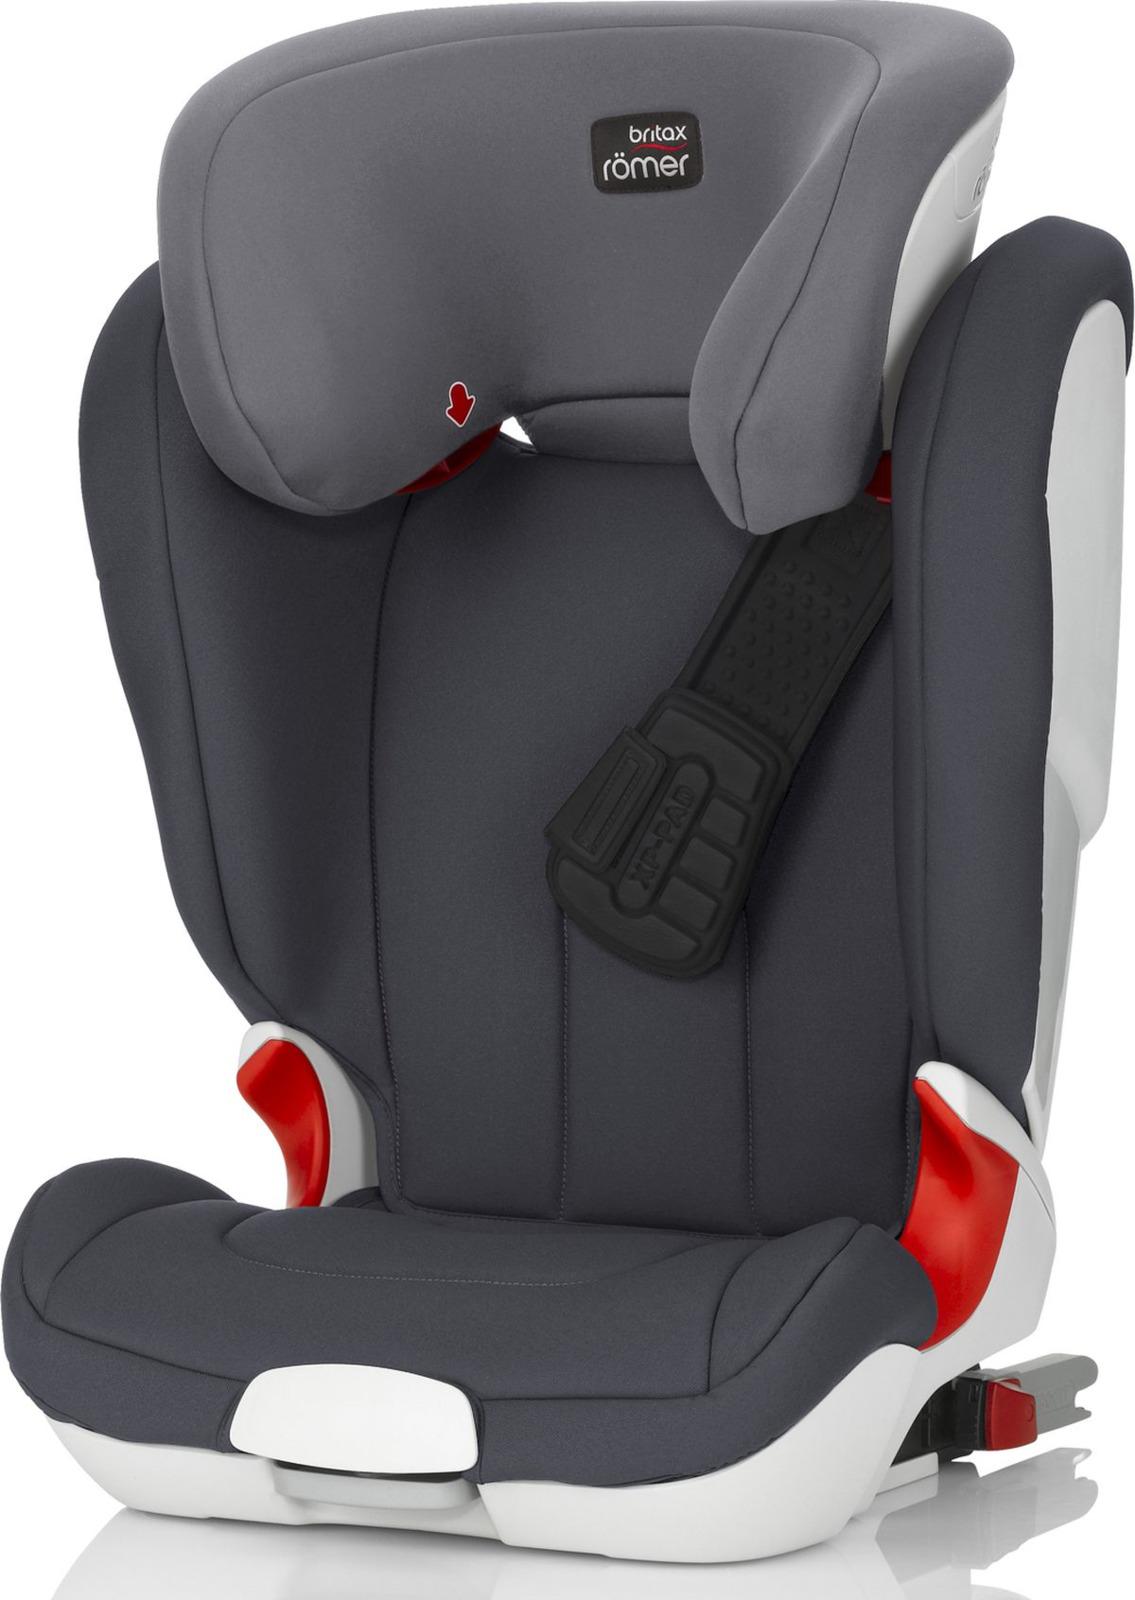 Автокресло детское Britax Roemer Kidfix XP, цвет: серый, от 15 до 36 кг автокресло cybex solution x цвет серый от 15 до 36 кг